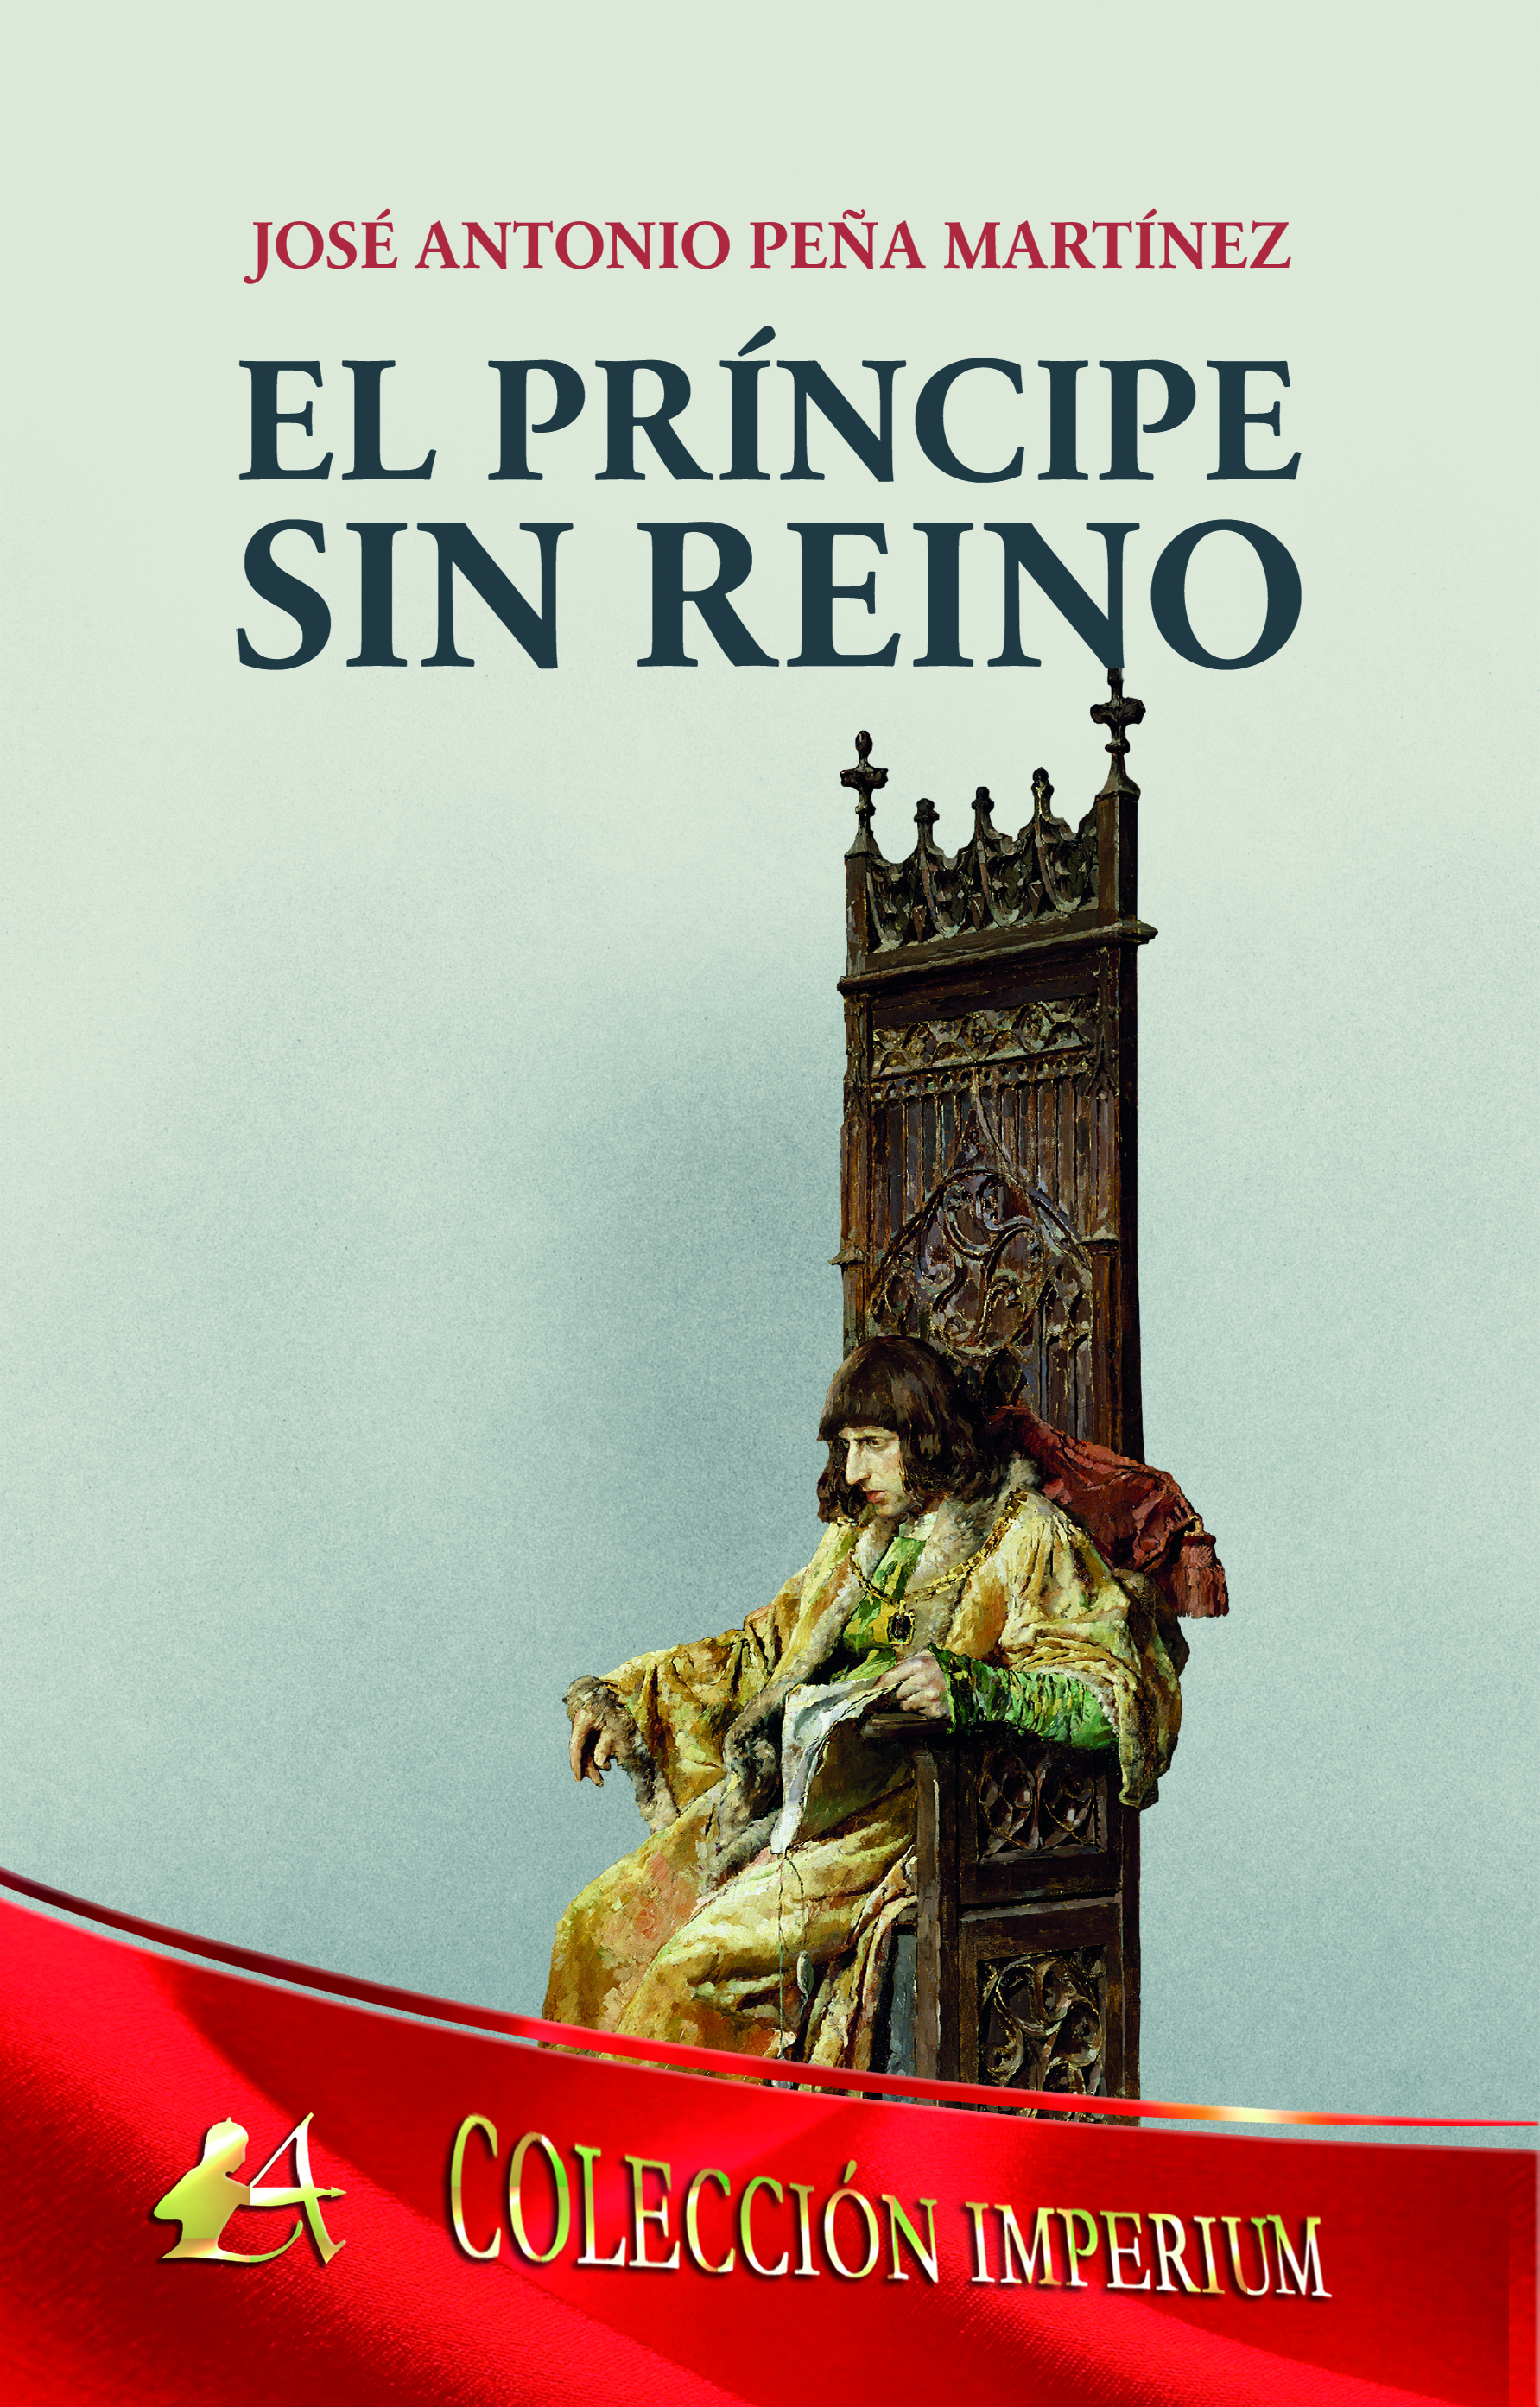 Portada del libro El príncipe sin reino de José Antonio Peña Martínez. Editorial Adarve, Promoción de autores